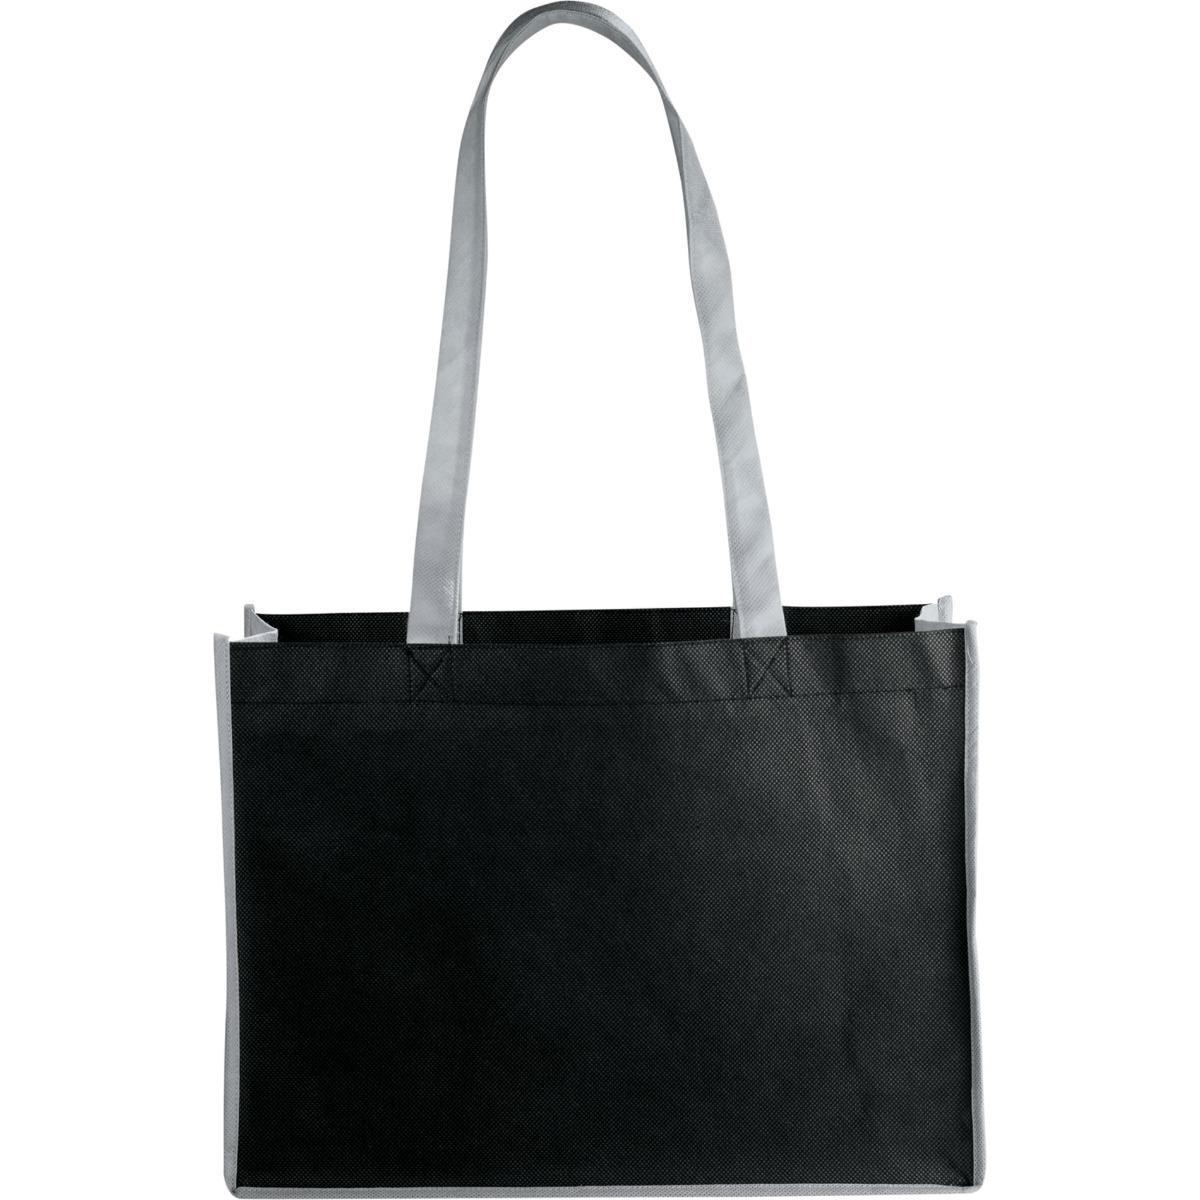 e118bc2d3de8 Eco-Friendly Non-Woven Bags - Black Gray